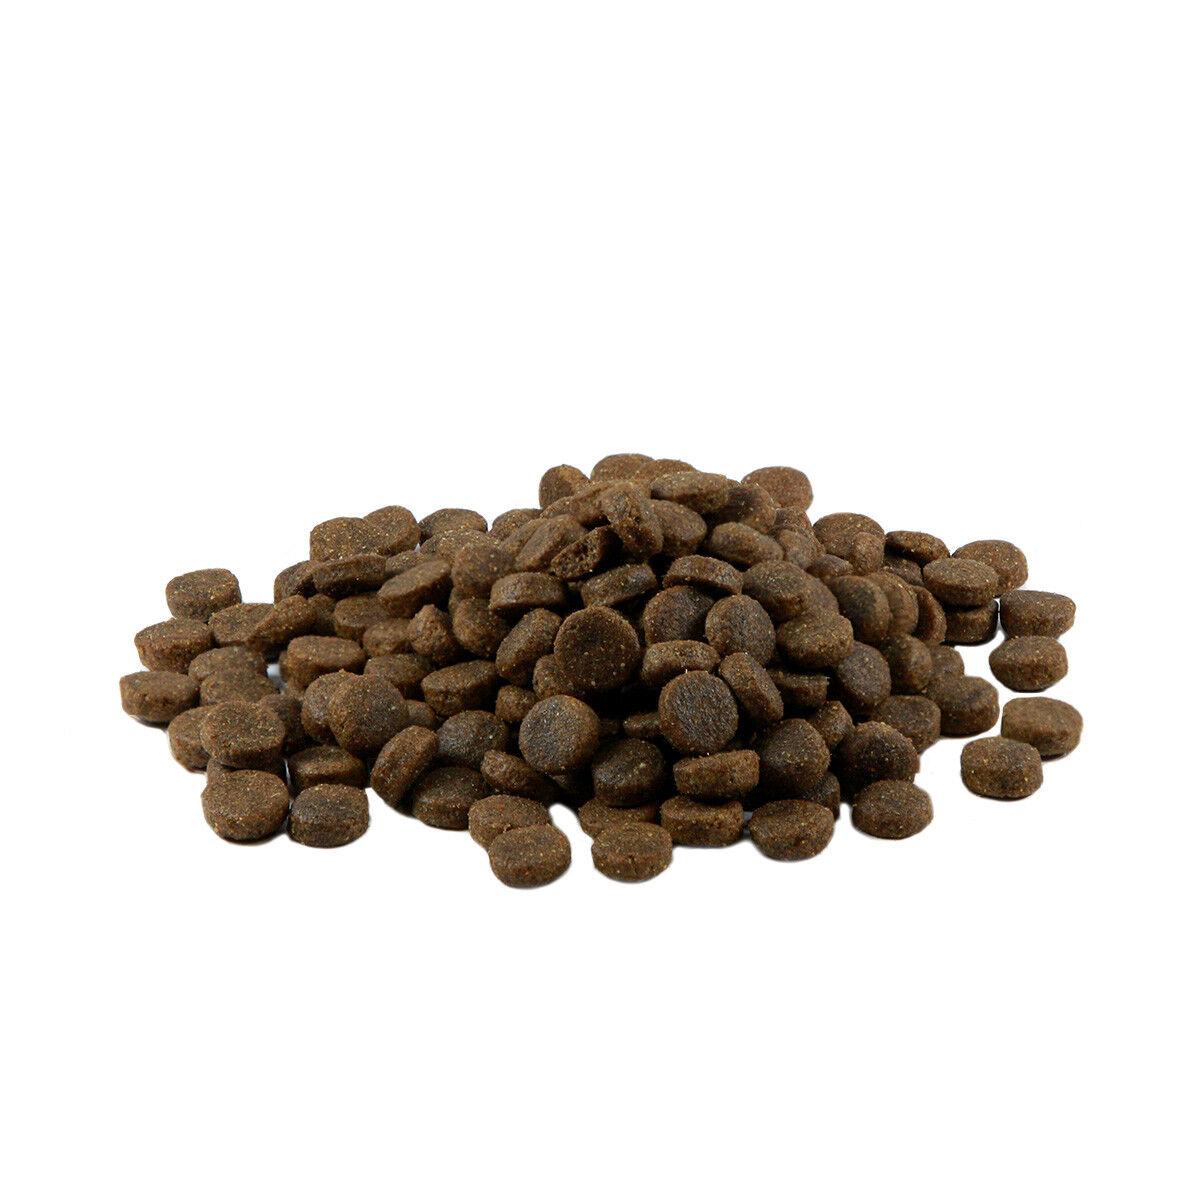 Hundefutter mit Lamm getreidefrei (24% Rohprotein/ 14% Rohfett), 2x15 kg